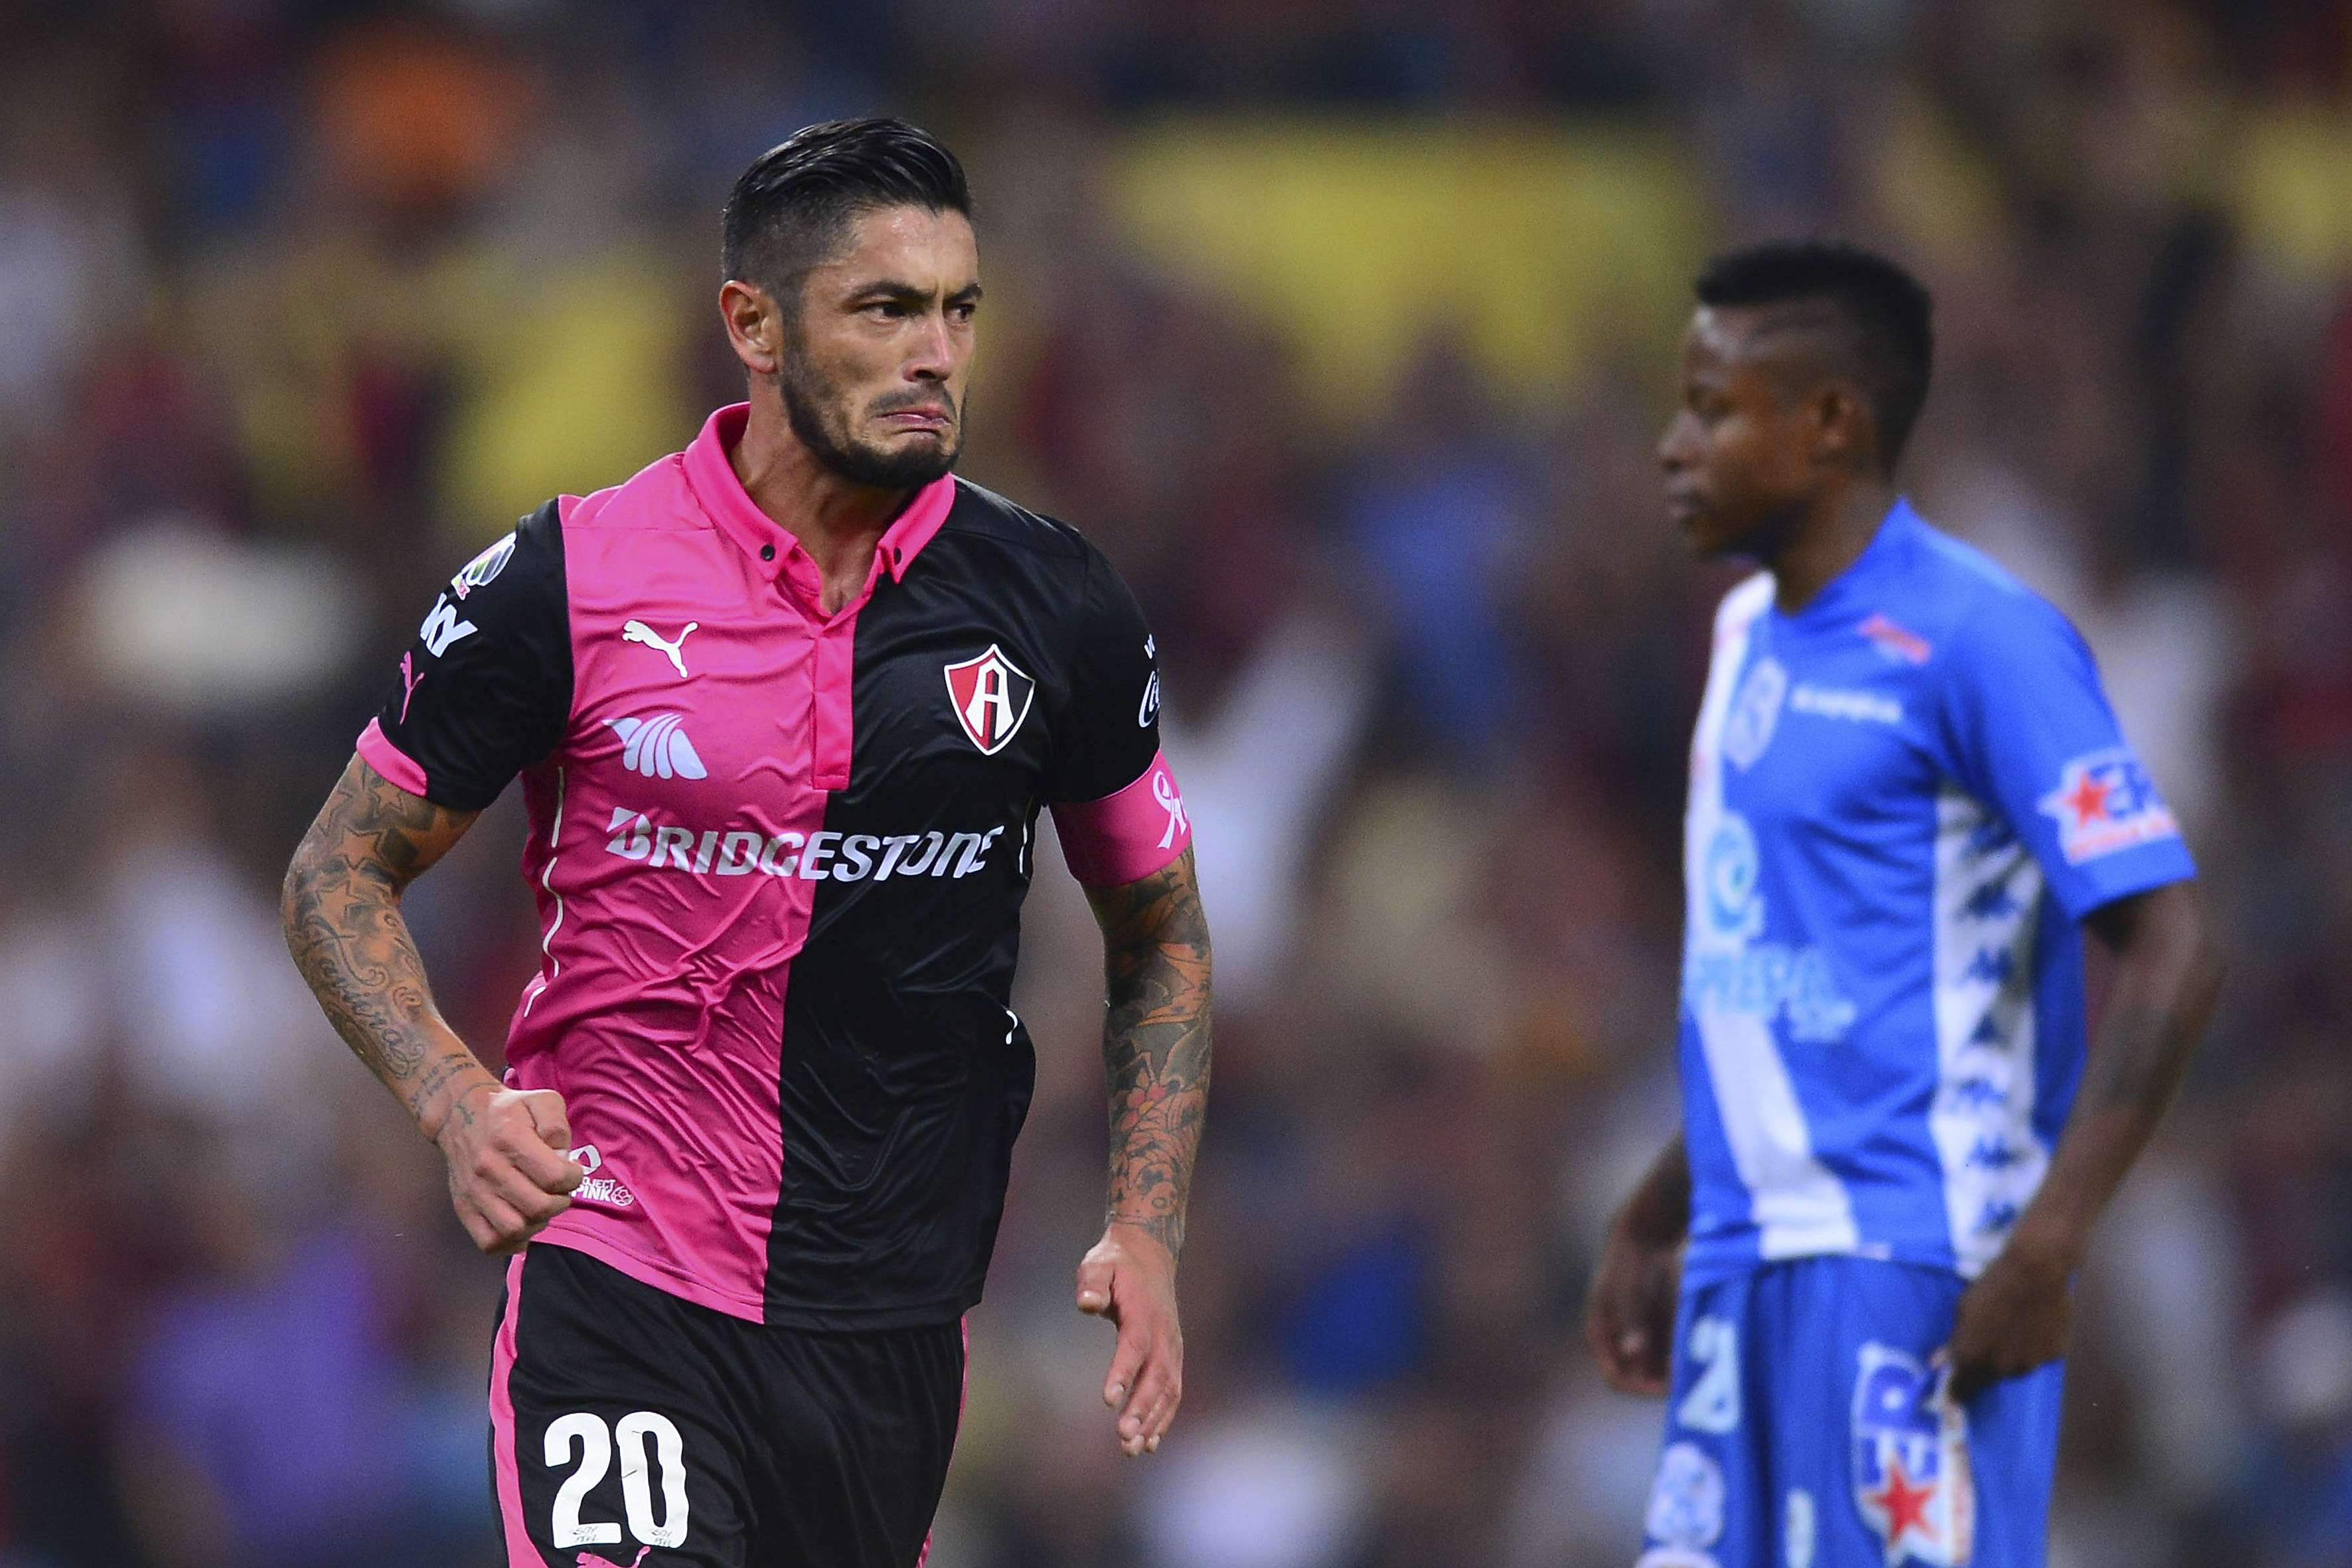 Con goles de Rodrigo Millar y Martín Barragán, Atlas remontó para vencer a Puebla, por quienes anotó Freddy Pajoy Foto: Mexsport